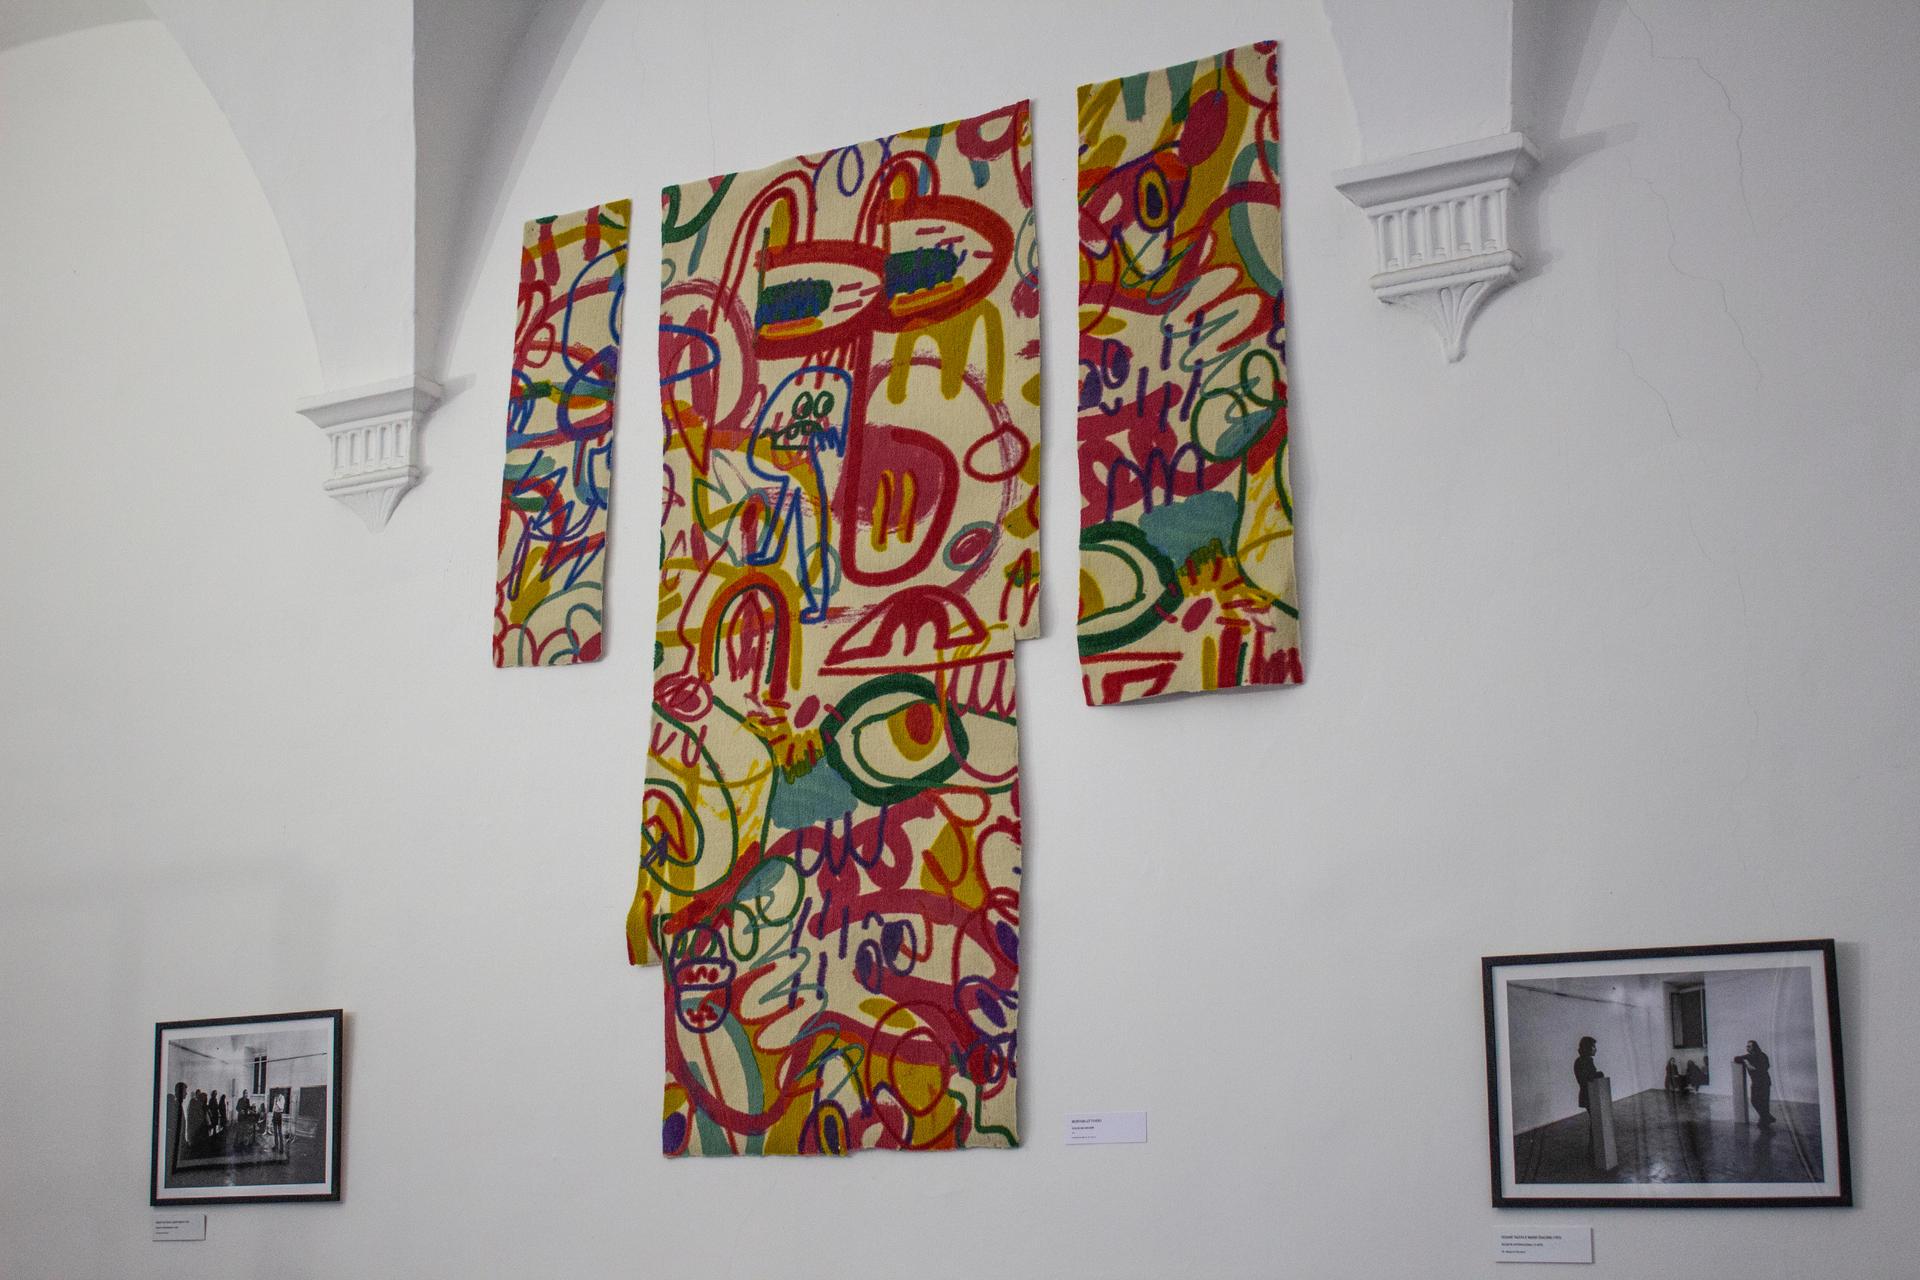 Guglielmo Maggini, Bedroom leftovers, 2019, poliestere stampato, 170 x 185 cm